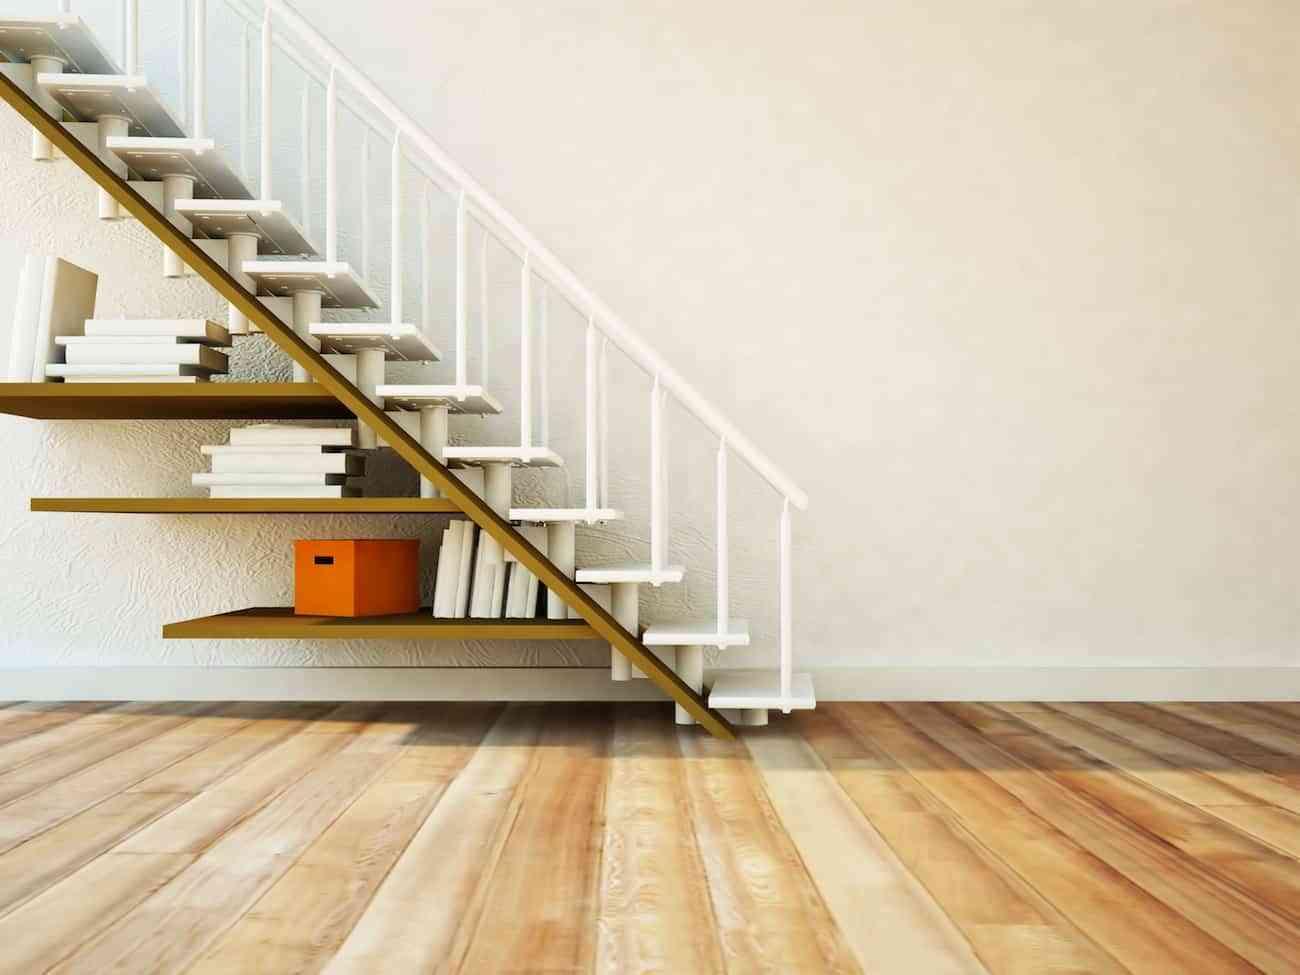 Estanterías para organizar debajo de la escalera